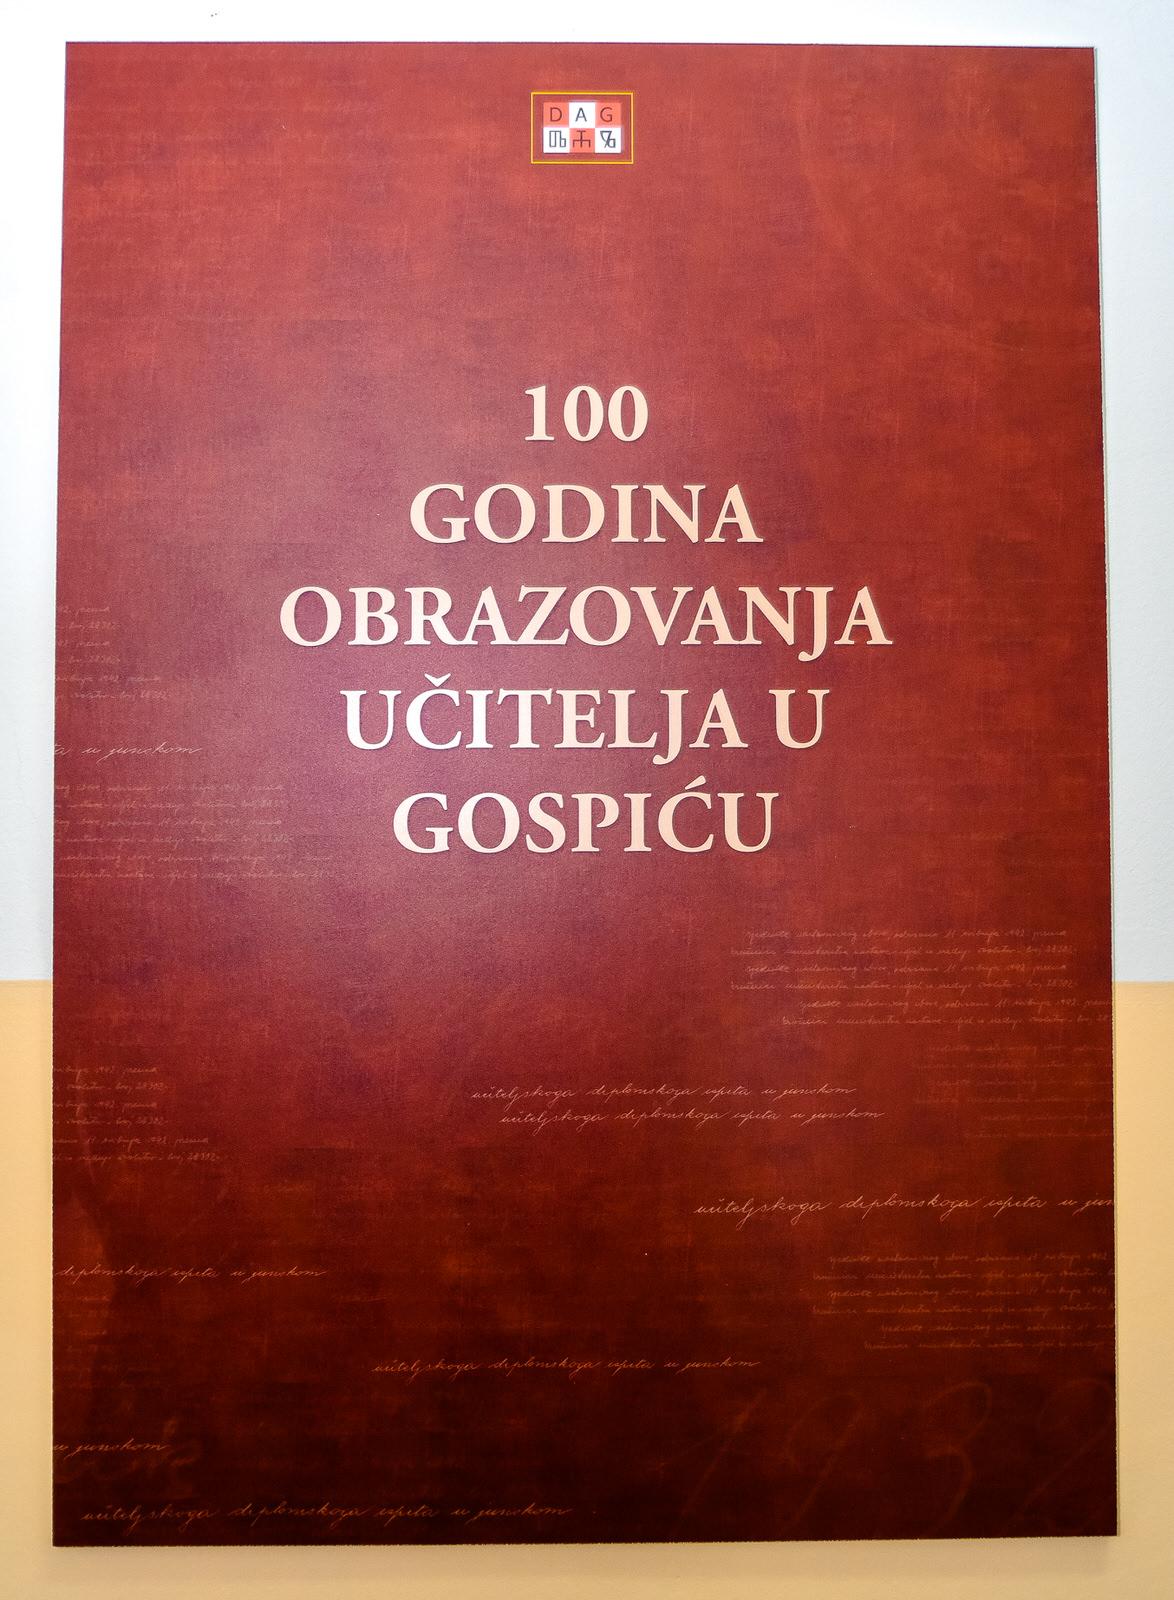 likaclub_gospić_100-godina-obrazovanja-učitelja-u-gospiću_2019-3